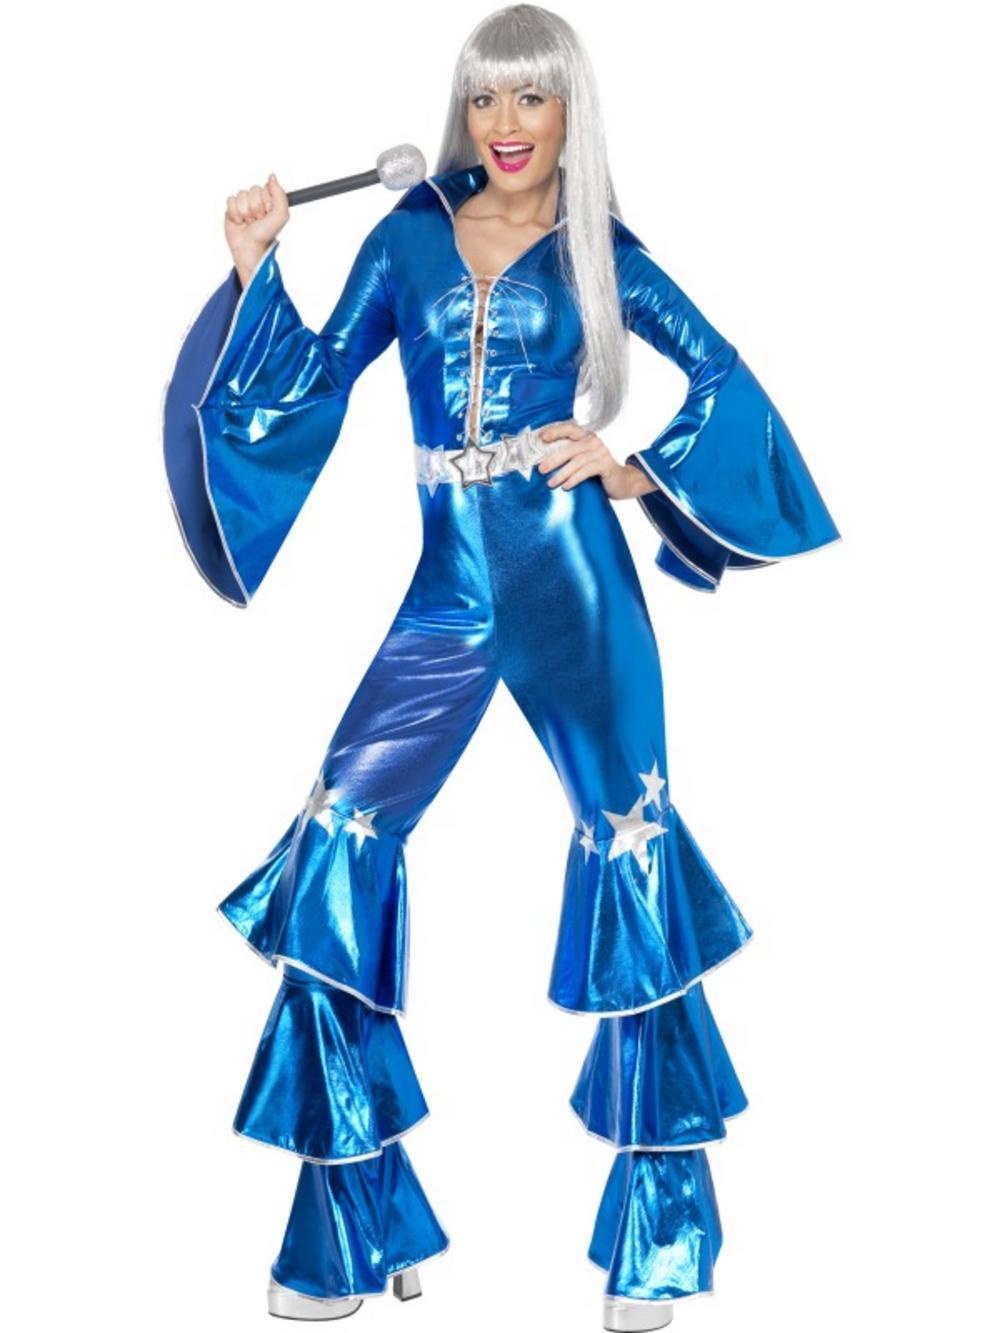 Dancing Dream Costume